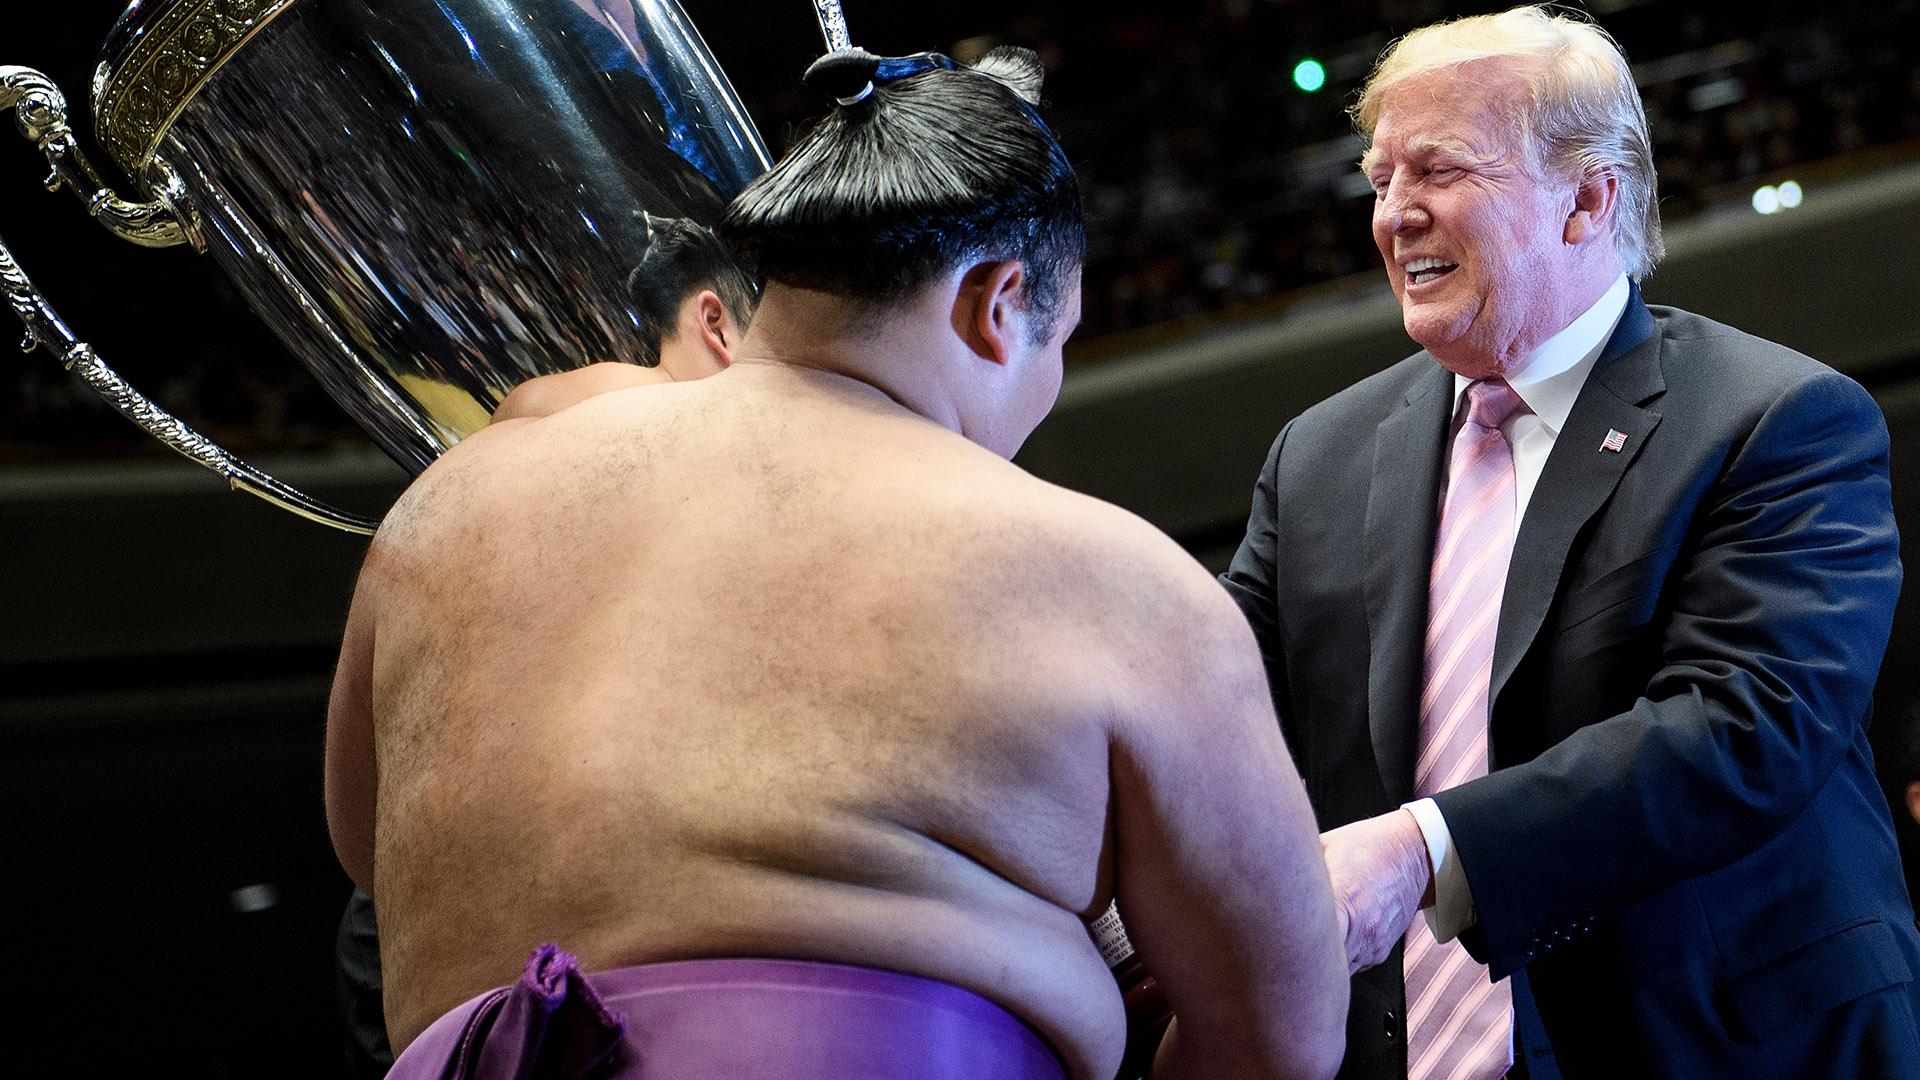 """El luchador ganador, conocido por su nombre deportivo de Asanoyama, recibió el trofeo de parte de Trump, quien tuvo que ser ayudado por el peso de la copa, de unos 30 kilos, que fue entregada en el círculo de arena conocido como """"dohyu"""""""